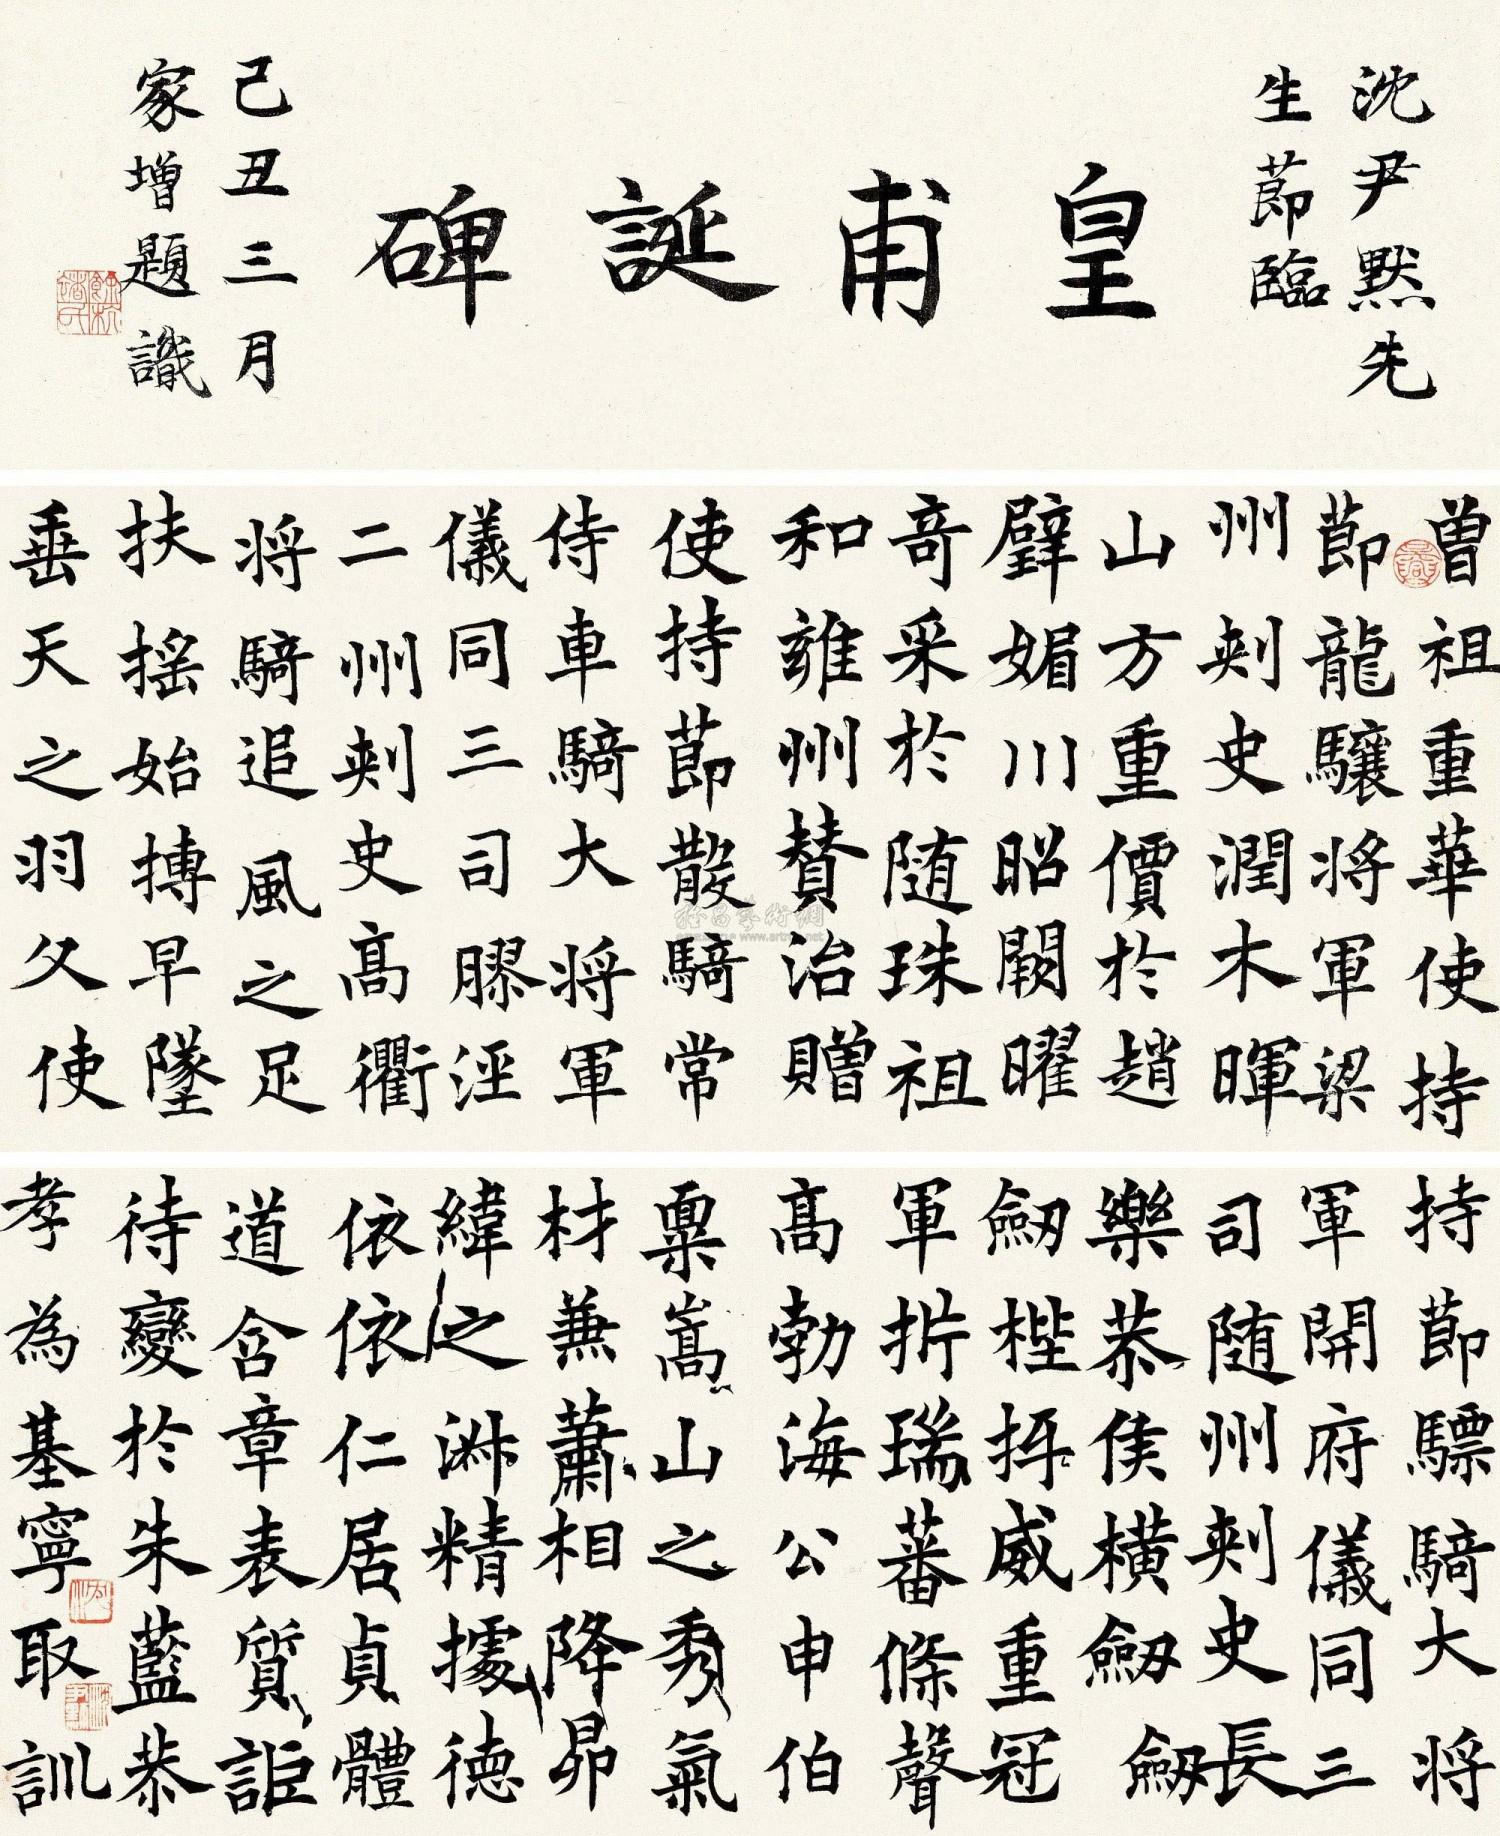 沈尹默先生节临《皇甫诞碑》(褚家增题诗堂。)